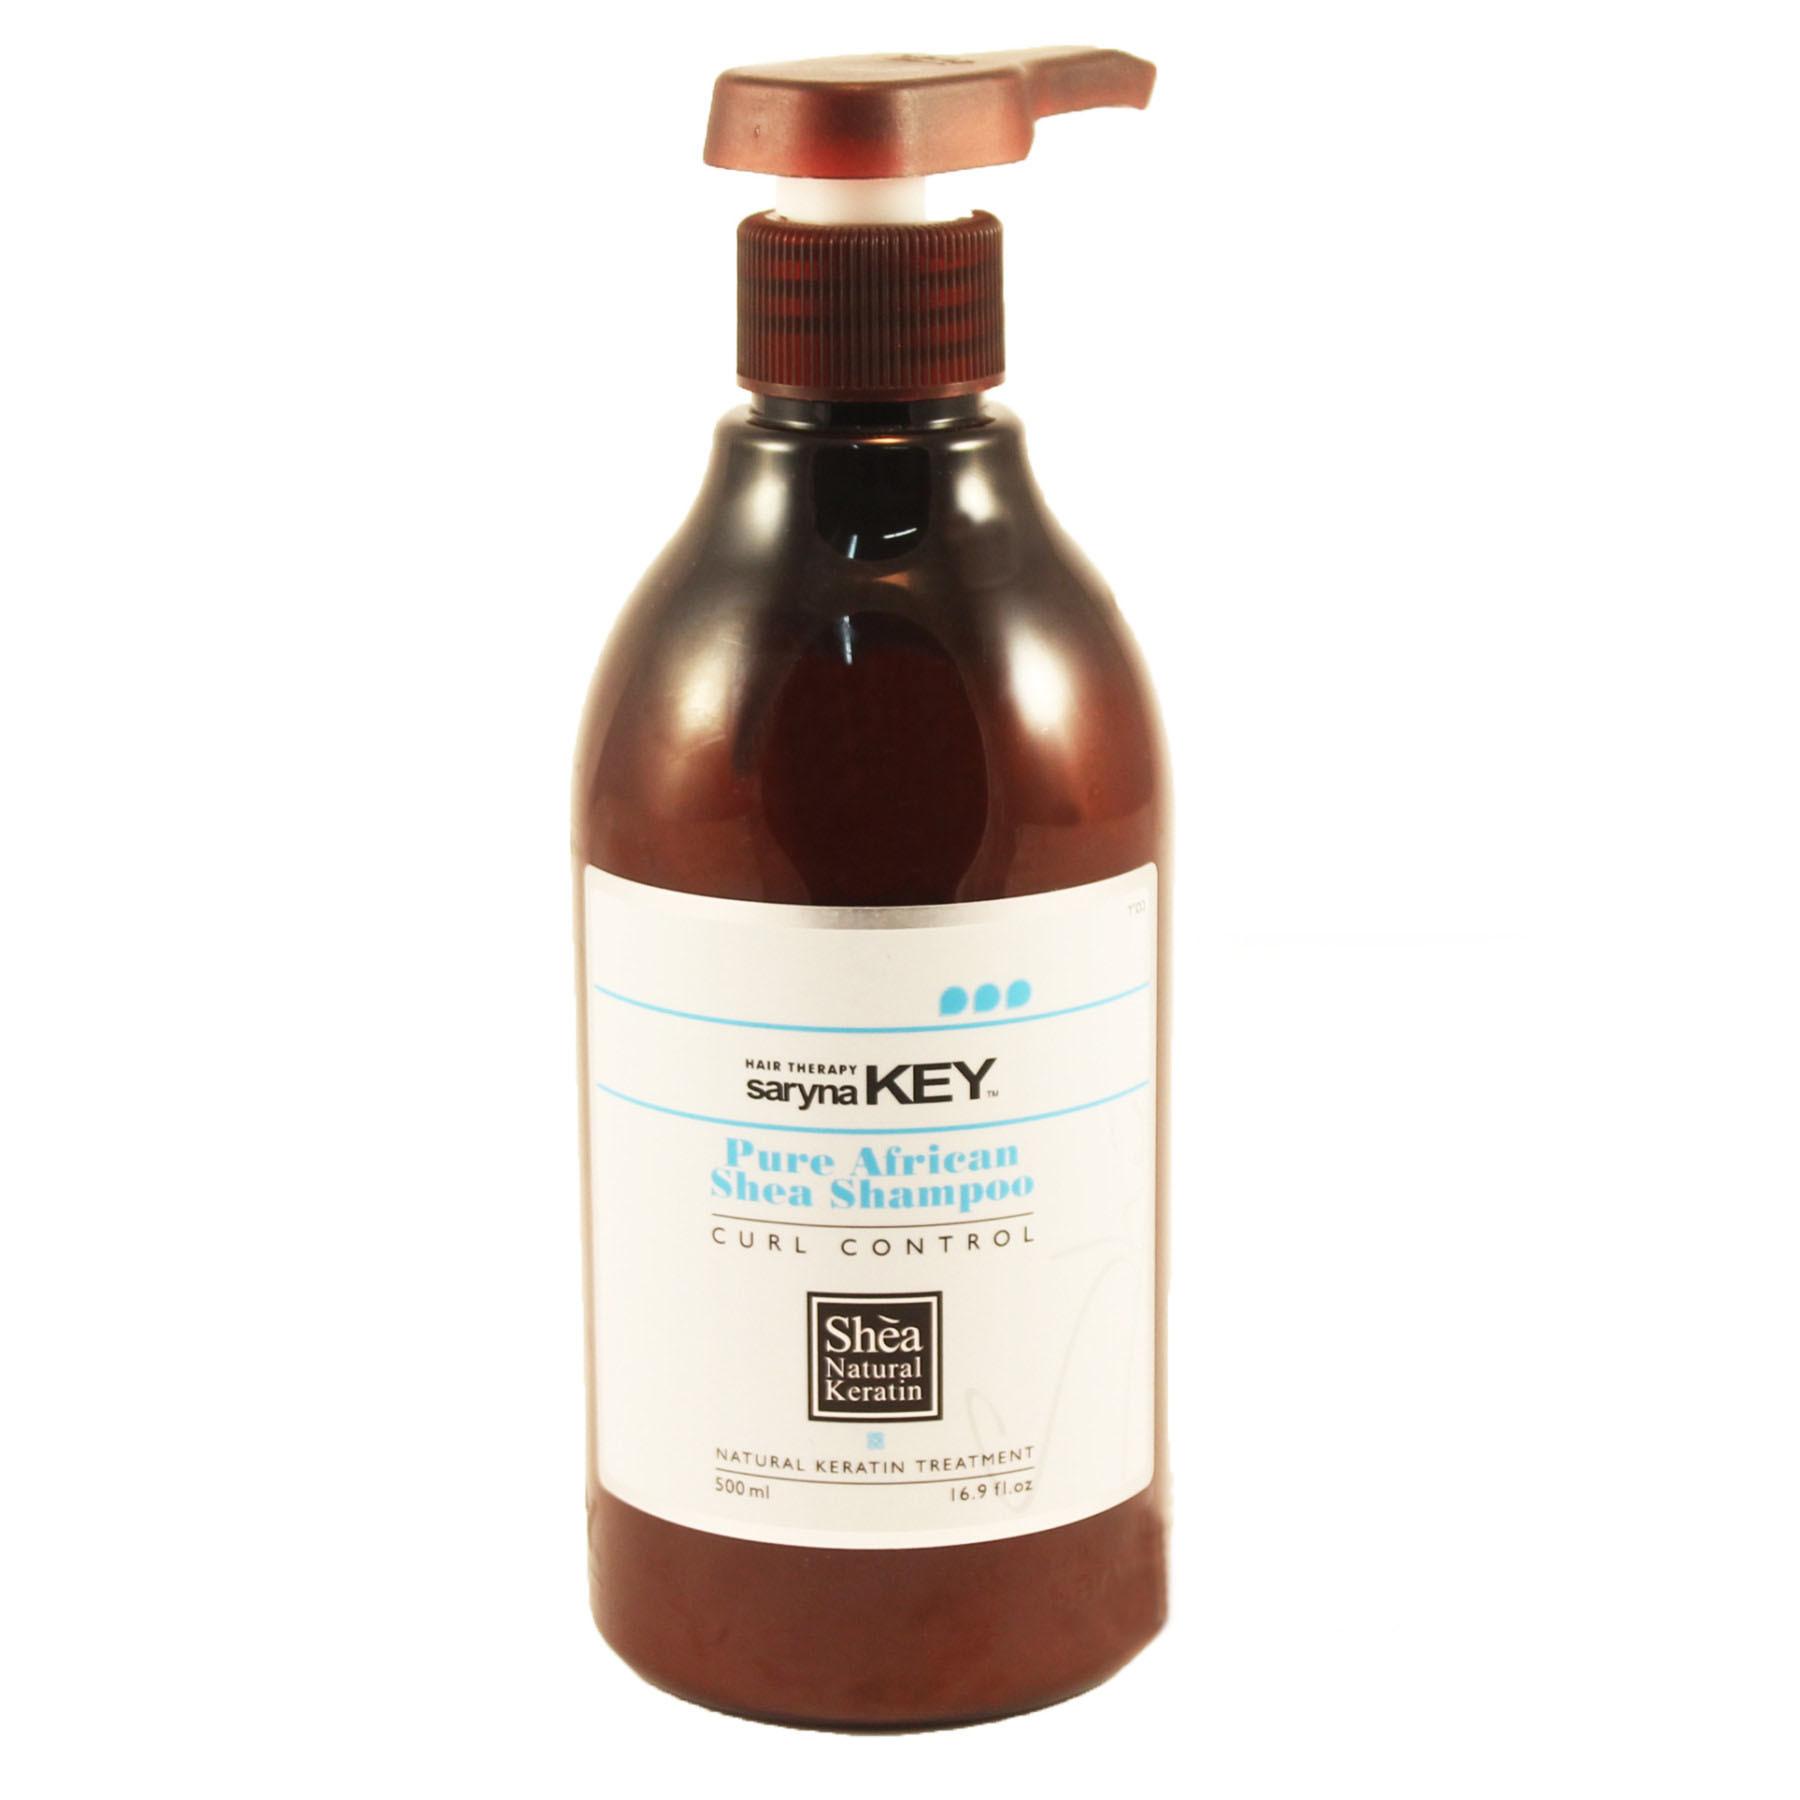 Шампунь Saryna Key Curl Control восстанавливающий для въющихся волос 500 мл